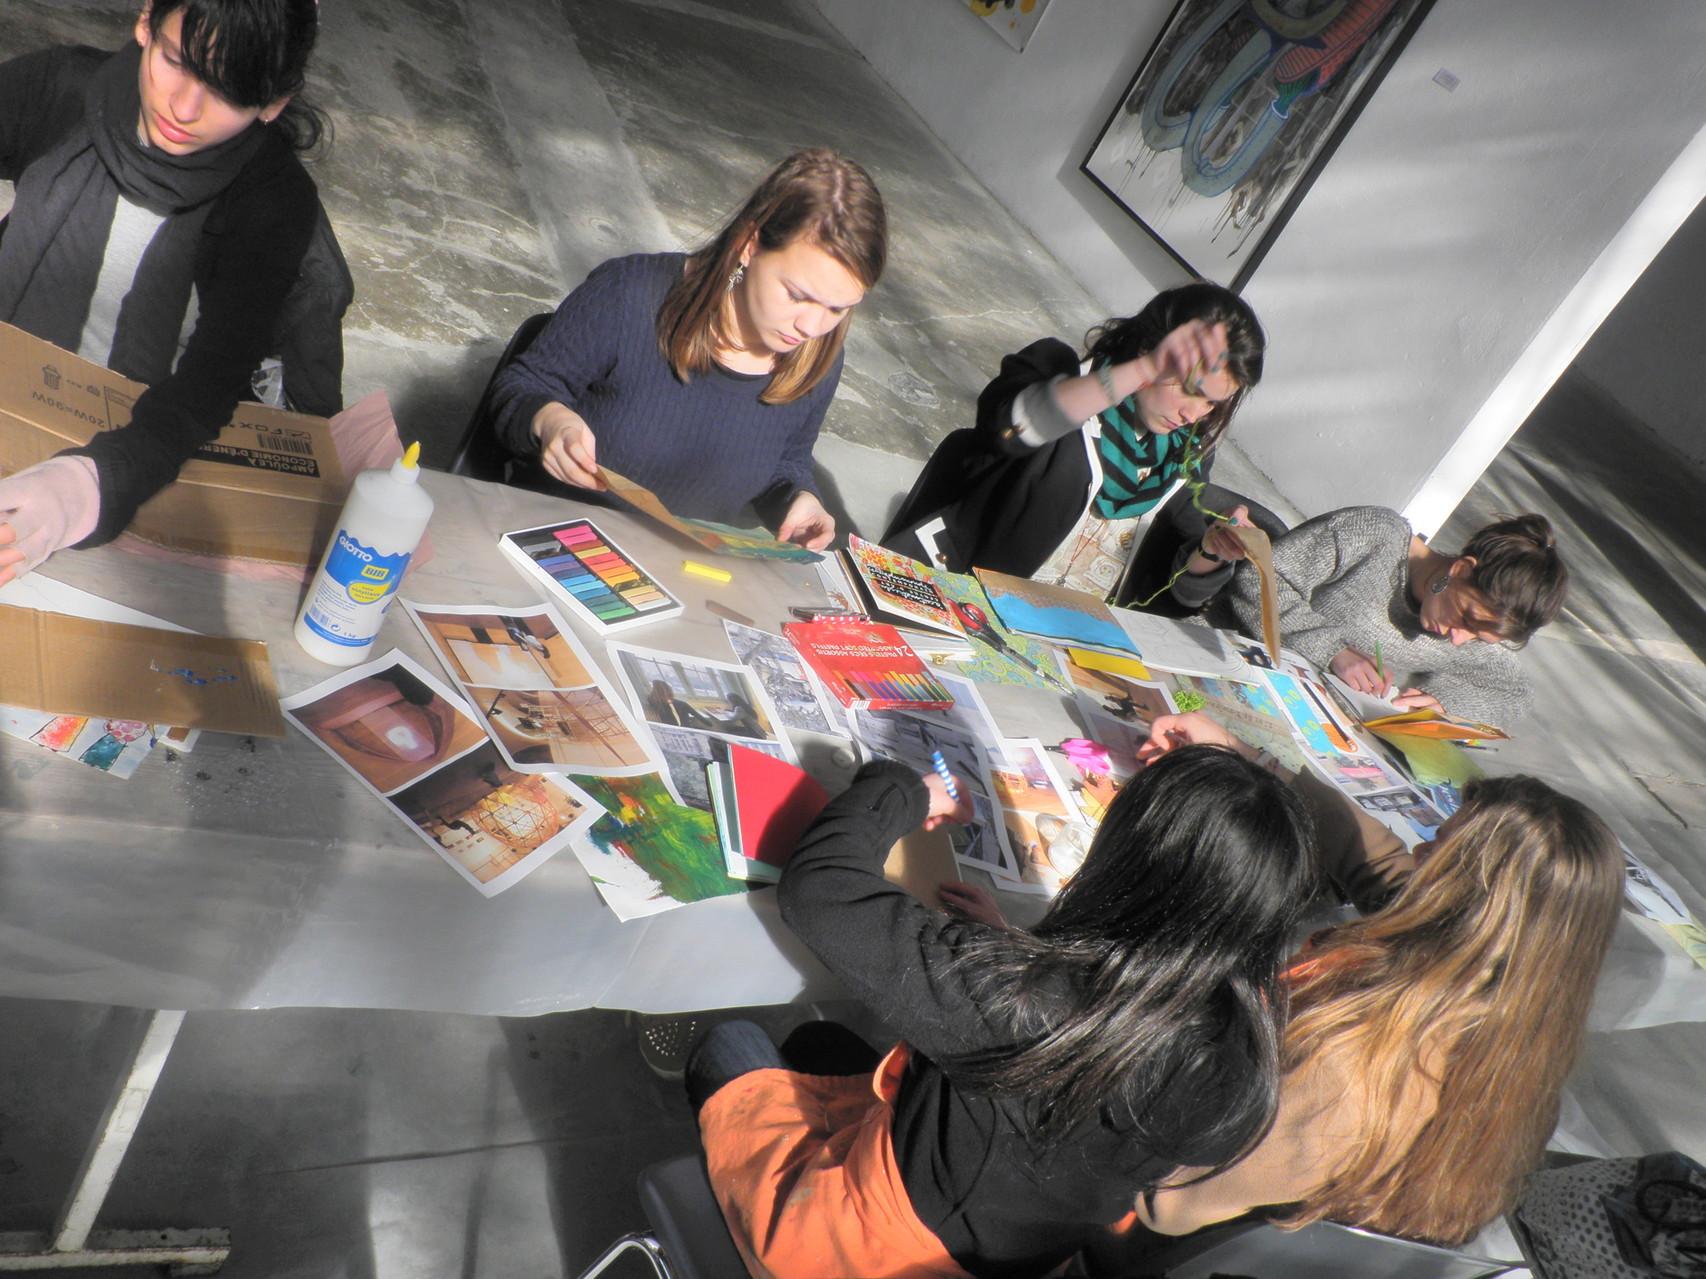 Atelier artistique techniques mixtes au centre d'art ACMCM de Perpignan